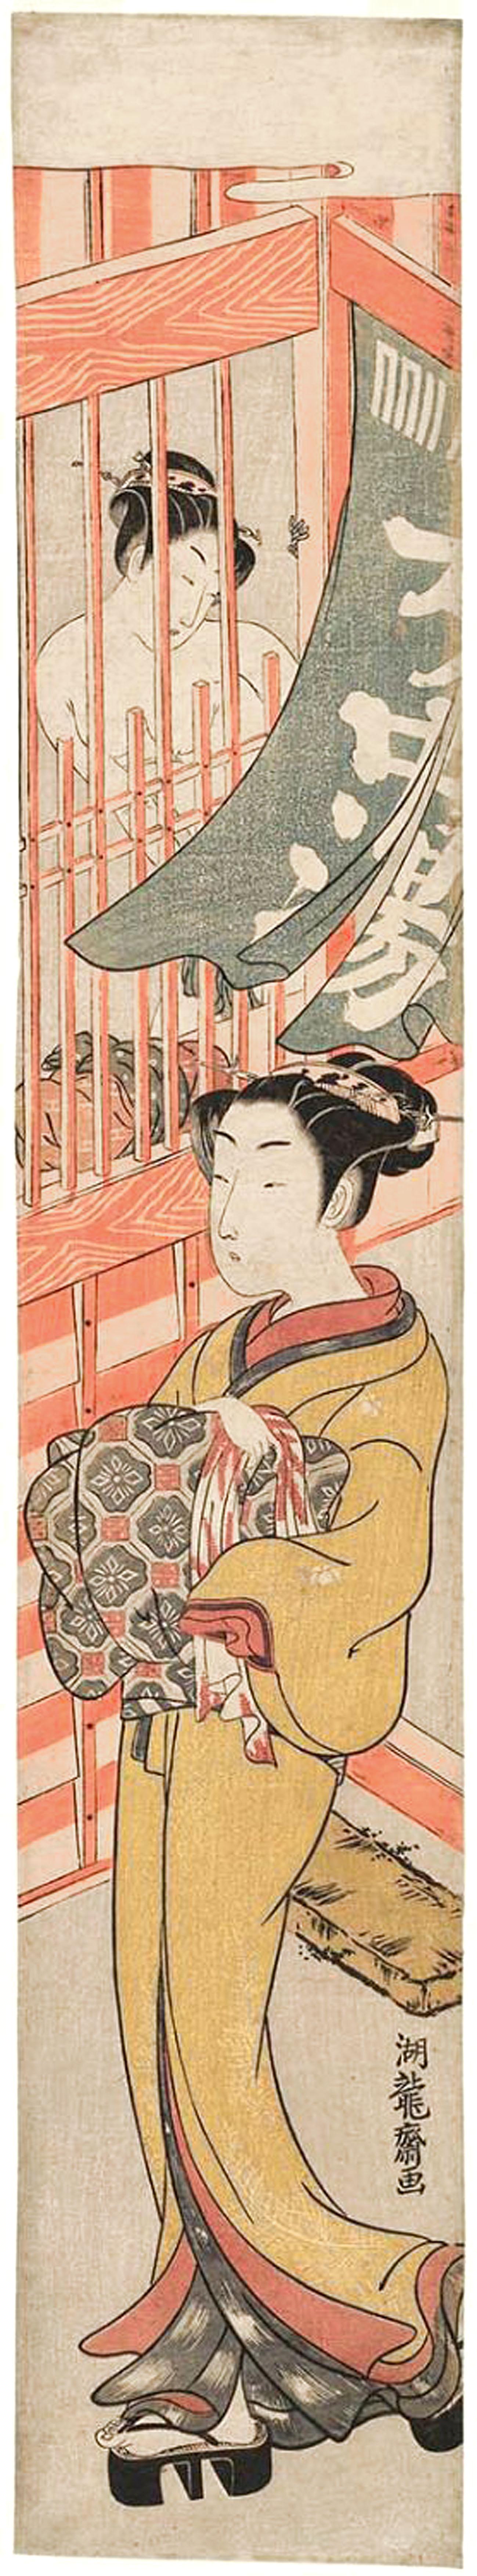 Koryusai Isoda / Junge Frau verläßt ein Badehaus